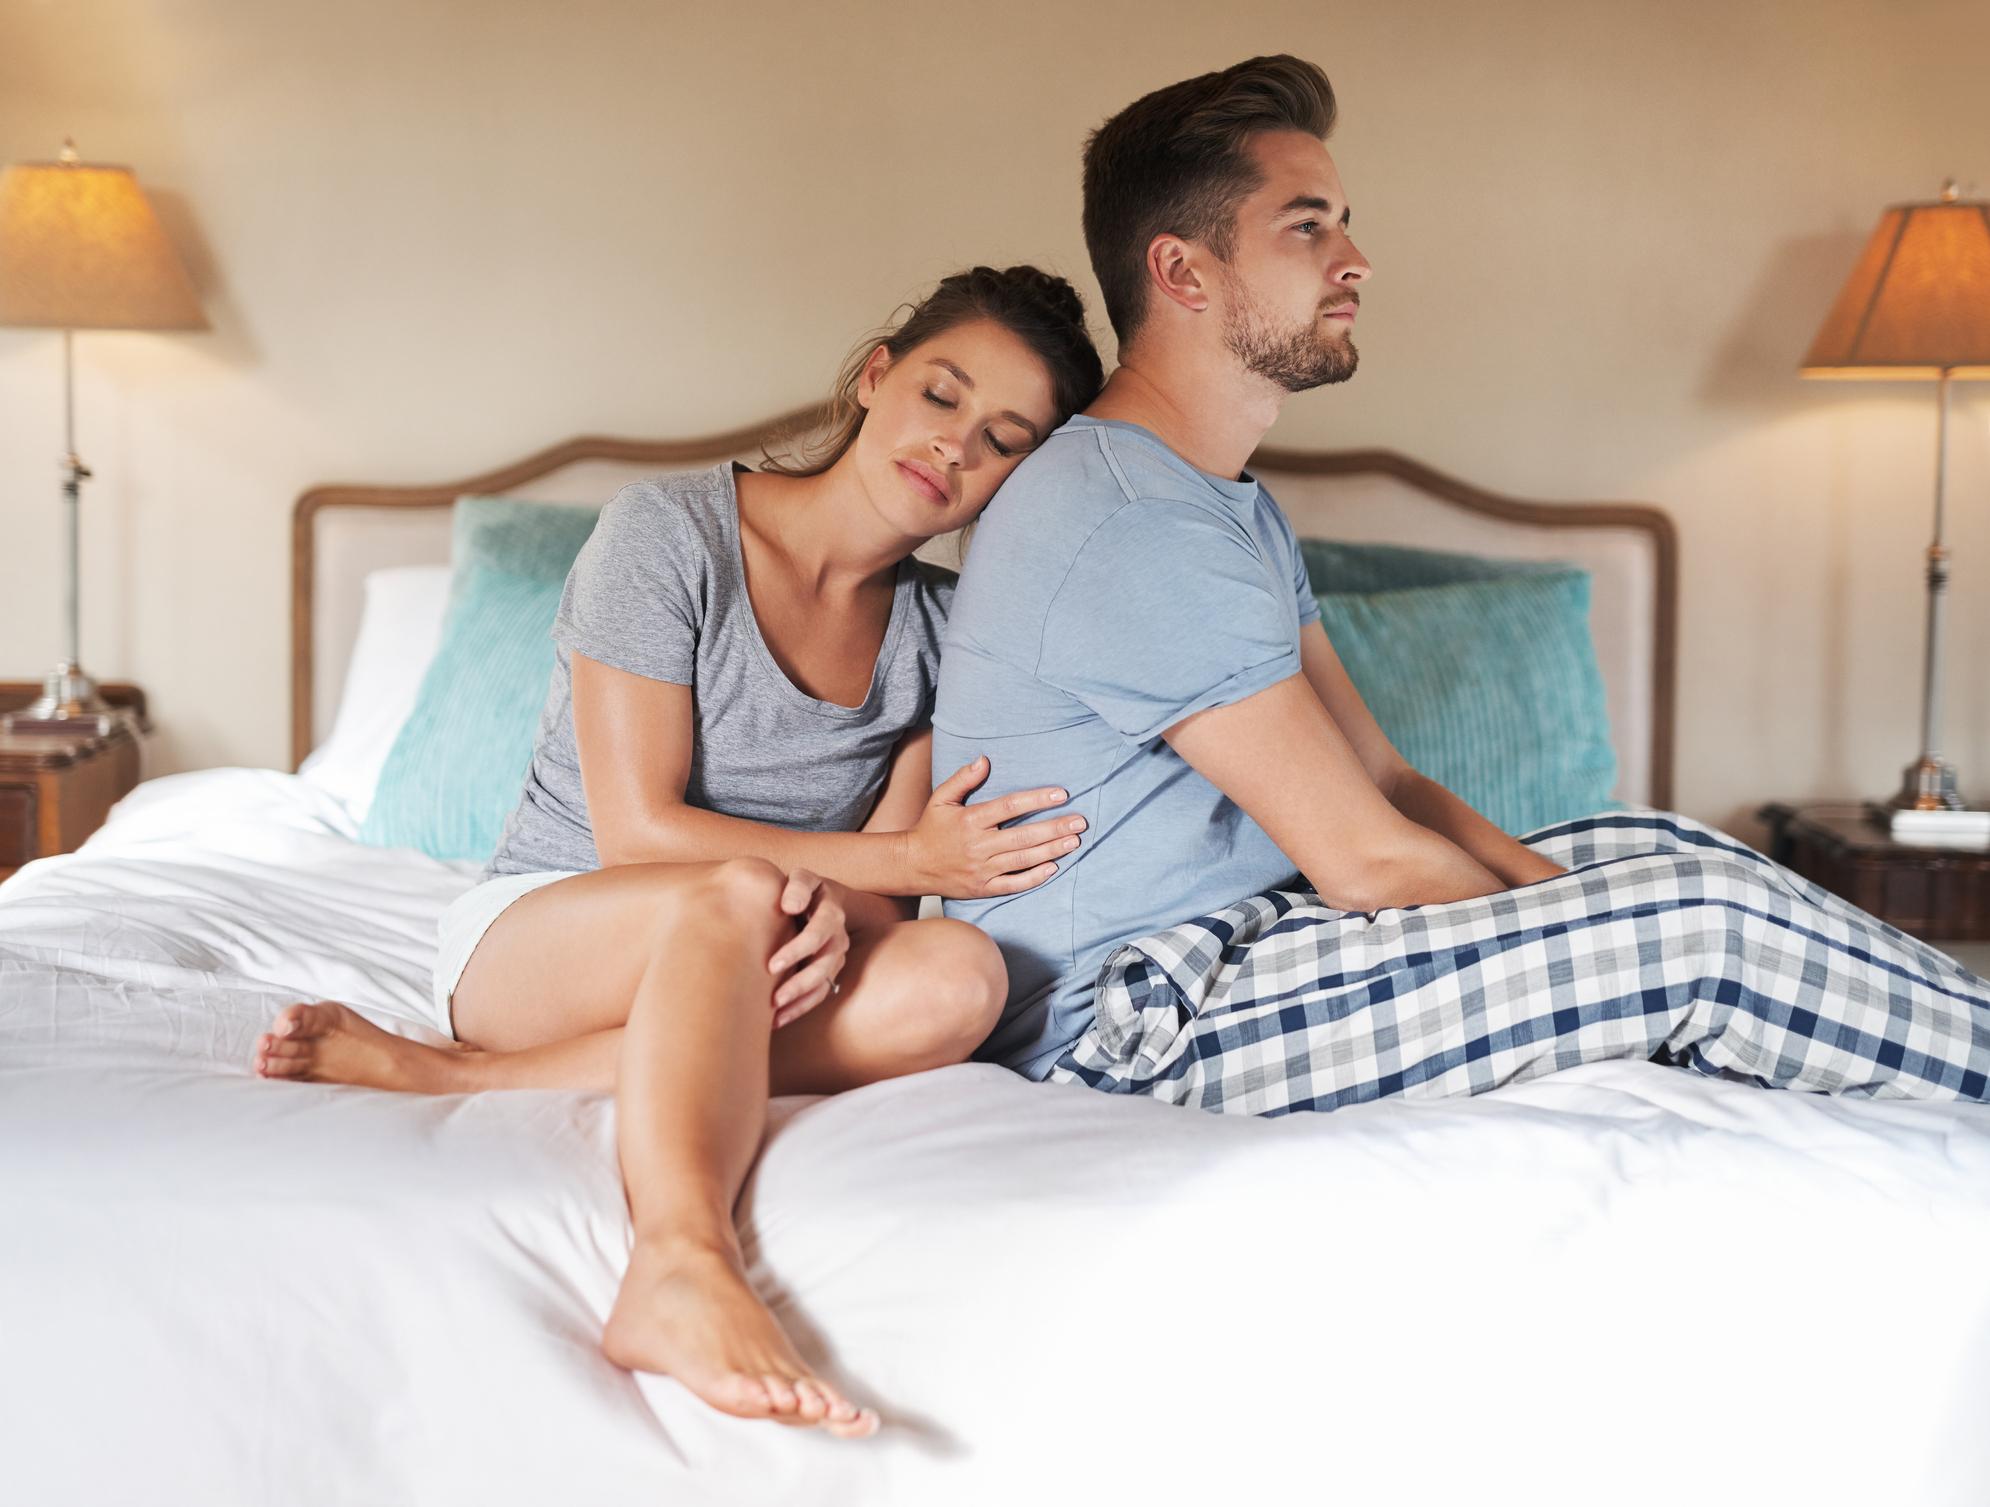 Erektilna disfunkcija čest je seksualni problem i najčešći seksualni poremećaj zbog kojeg muškarci traže pomoć.